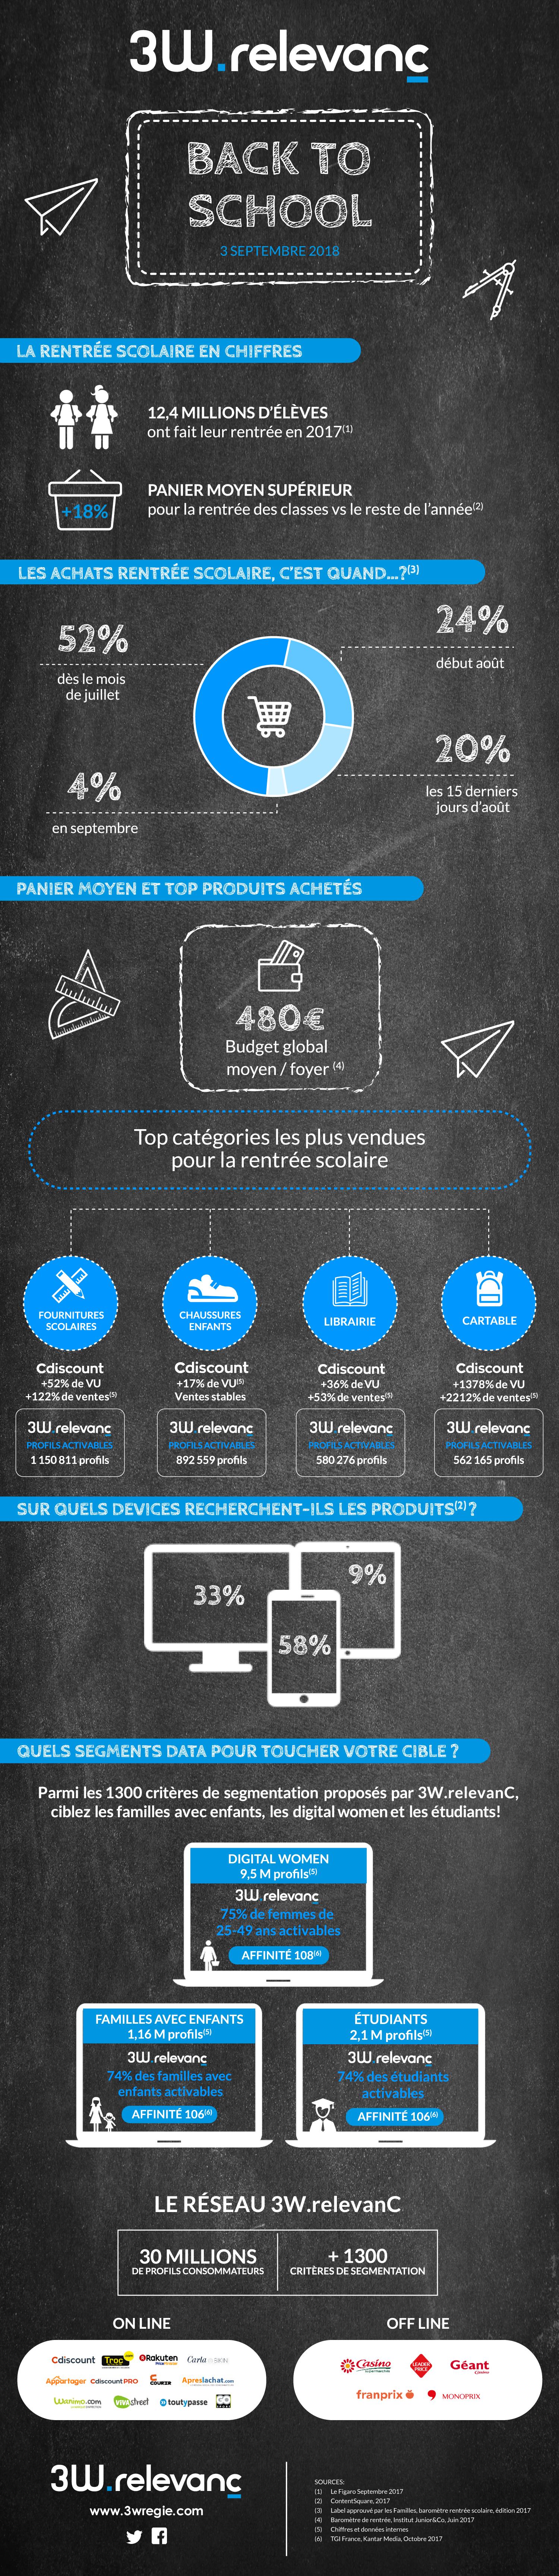 infographie 3W.relevanC, 3W Régie